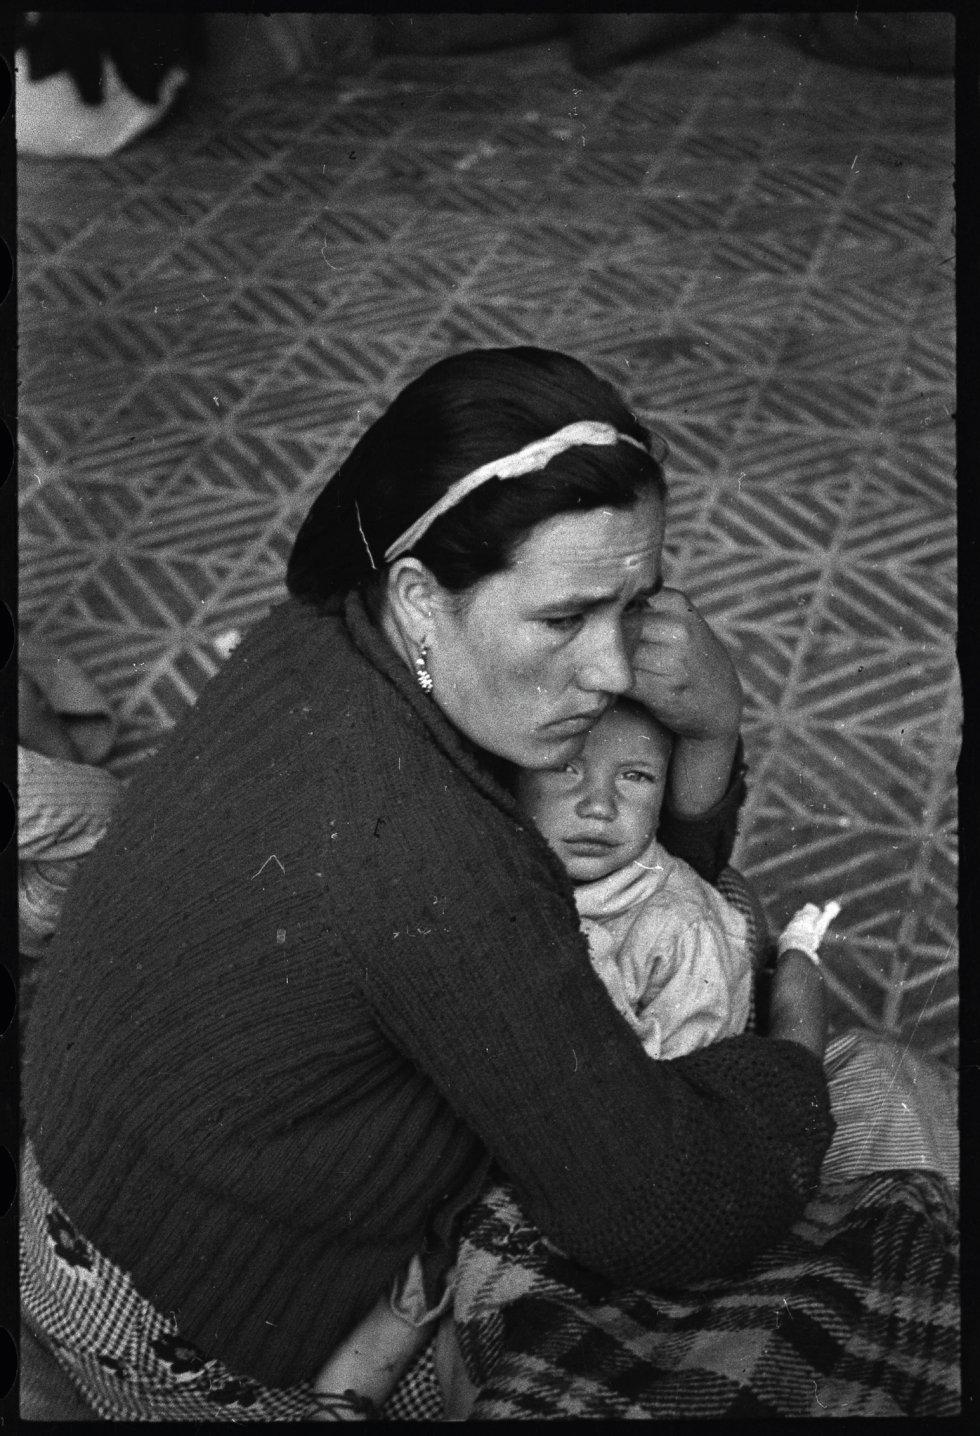 De las fotografías publicadas en 'La caja roja' la que emociona especialmente a Toni Monné es esta foto de una madre malagueña que no quiere mirar a la cámara con su bebé que sí que lo hace. Cree que es una foto que describe la condición de refugiado.